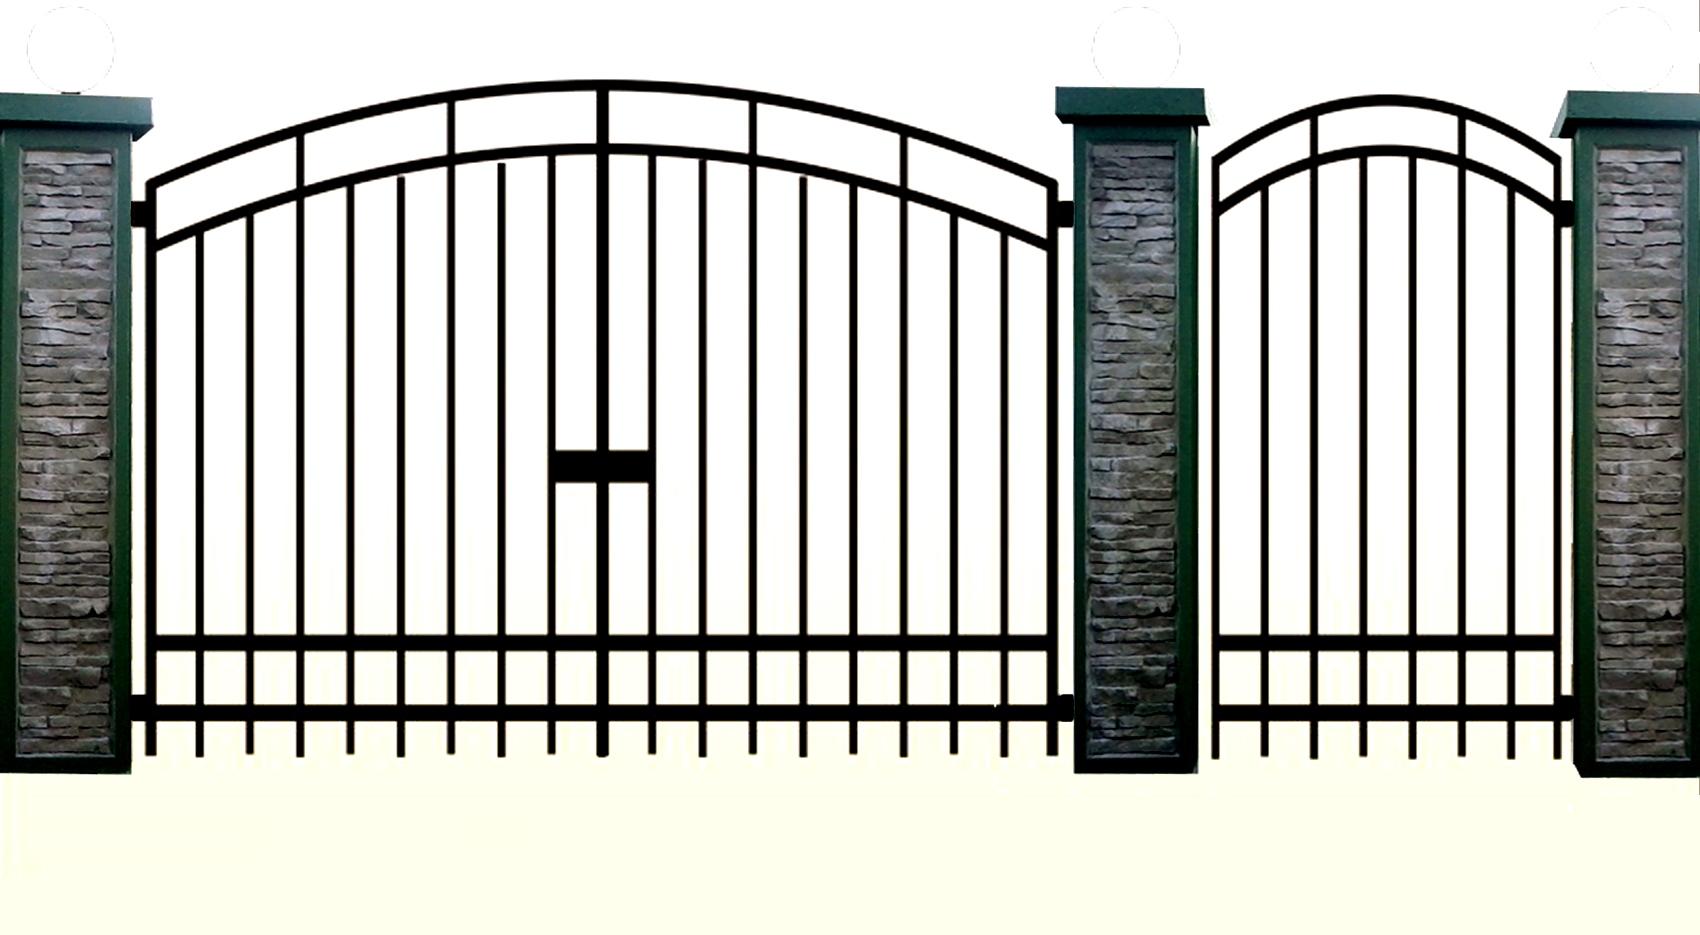 Ворота зварны автоматика для ворот в гулькевичи